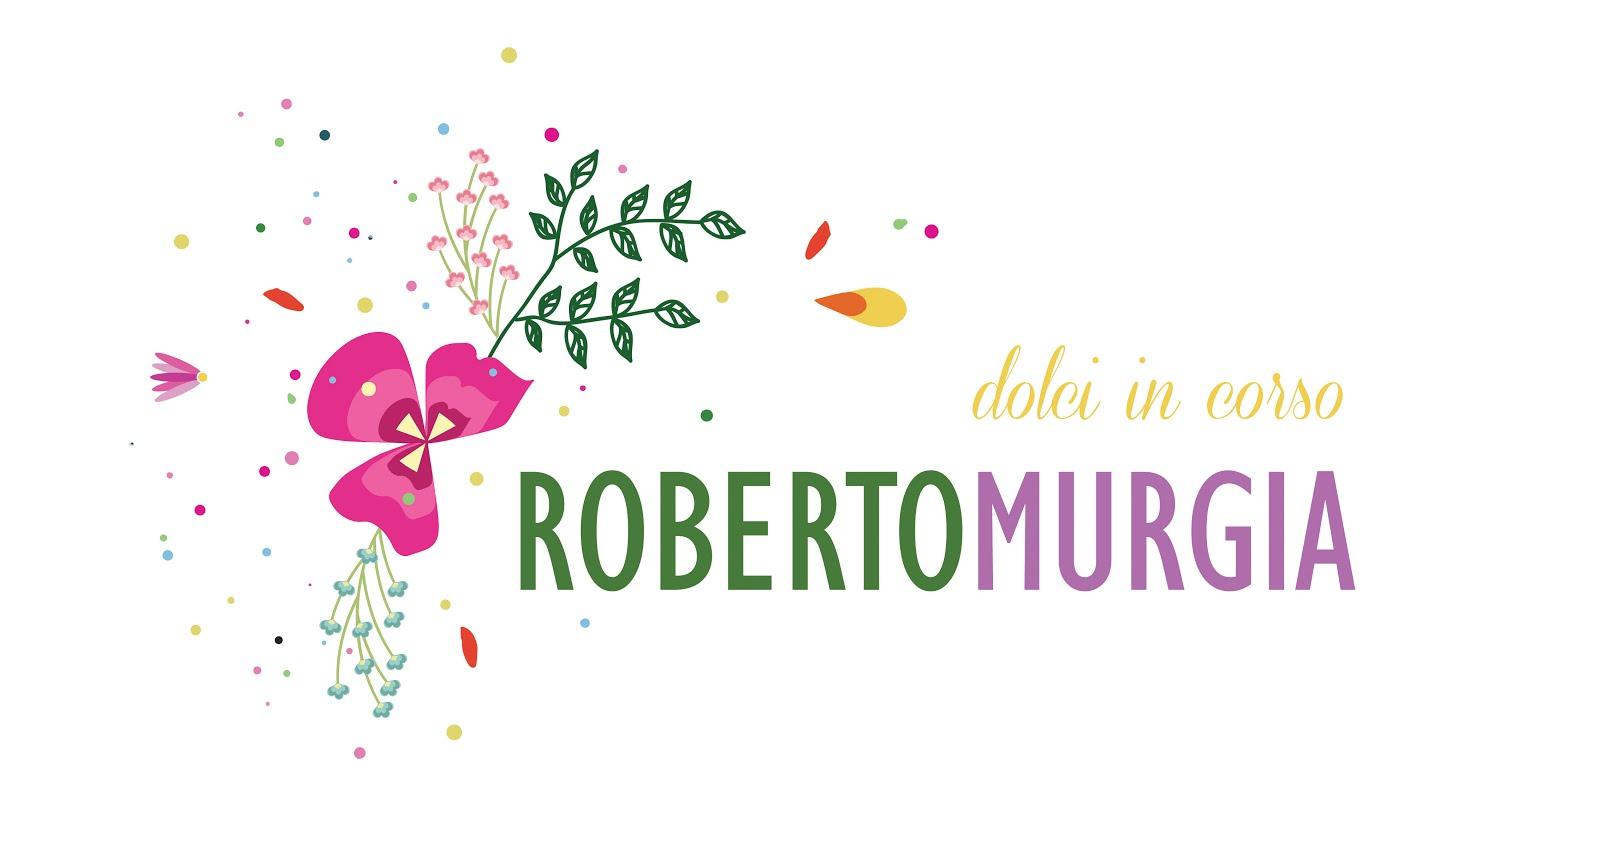 Roberto Murgia - Dolci in corso